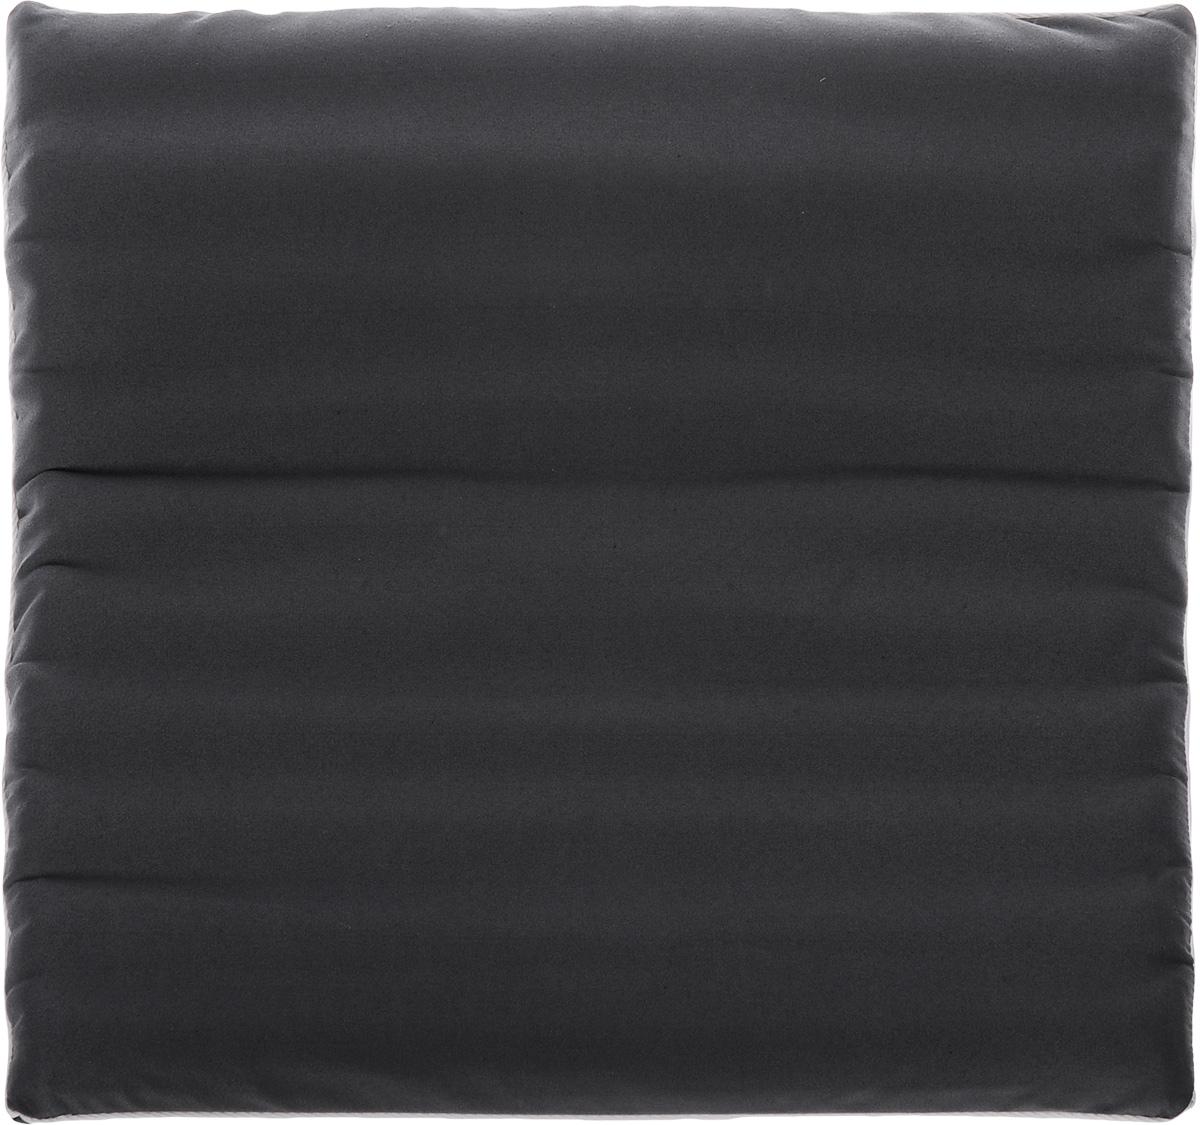 Подушка на сиденье Smart Textile Гемо-комфорт офис, с чехлом, наполнитель: лузга гречихи, 50 х 50 смT579Подушка на сиденье Smart Textile Гемо-комфорт офис создана для тех, кто весь свой рабочий день вынужден проводить в офисном кресле. Наполнителем служат лепестки лузги гречихи, которые обеспечивают микромассаж кожи и поверхностных мышц, а также обеспечивают удобную посадку и снимают напряжение. Особенности подушки: - Хорошо проветривается. - Предупреждает потение. - Поддерживает комфортную температуру. - Обминается по форме тела. - Улучшает кровообращение. - Исключает затечные явления. - Предупреждает развитие заболеваний, связанных с сидячим образом жизни. Конструкция подушки, составленная из ряда валиков, обеспечивает еще больший массажный эффект, а плотная износостойкая ткань хорошо удерживает наполнитель, сохраняет форму подушки и продлевает срок службы изделия. Подушка также будет полезна и дома - при работе за компьютером, школьникам - при выполнении домашних работ, да и в любимом кресле перед телевизором. ...